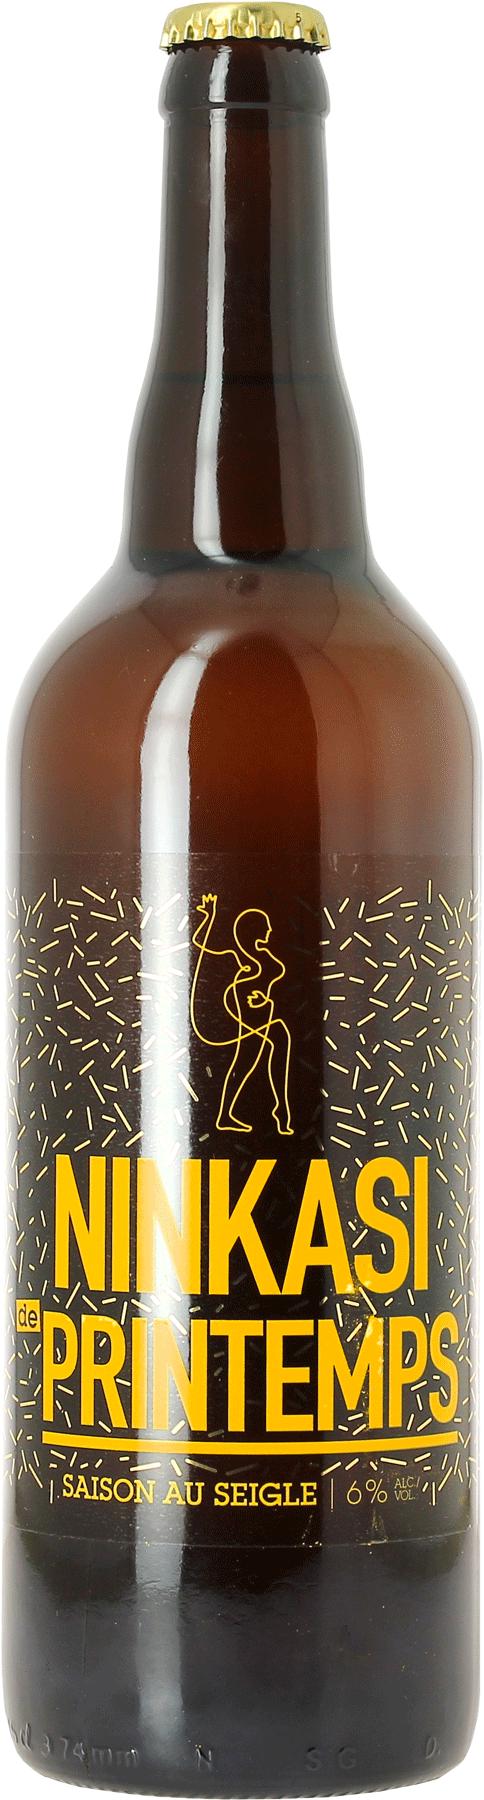 Ninkasi Bière de Printemps 75 cl